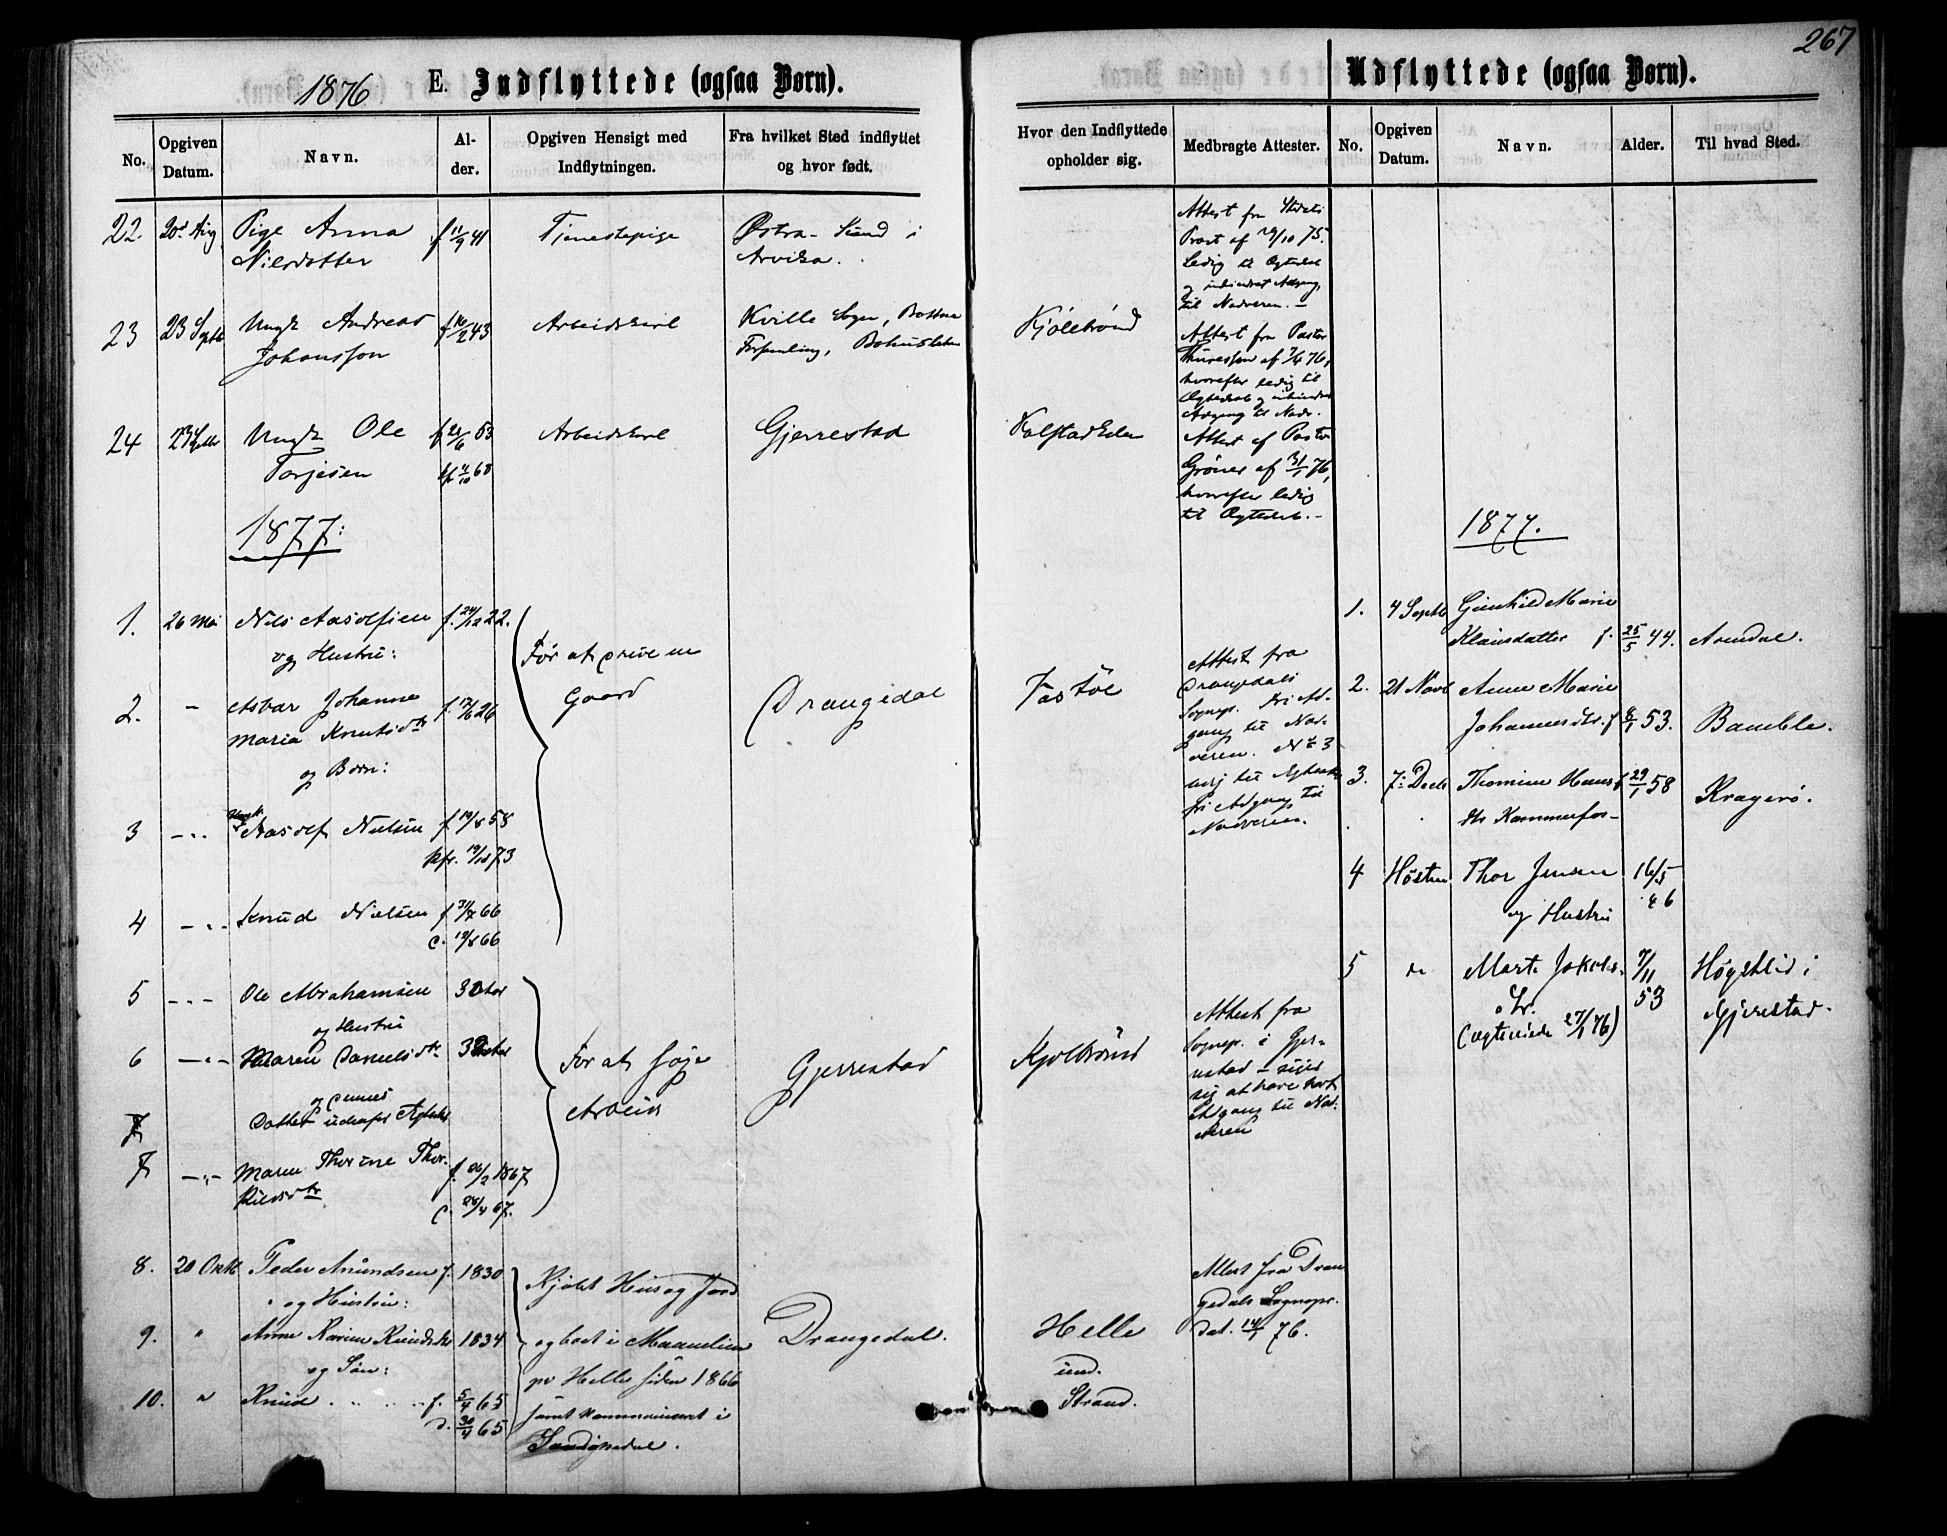 SAKO, Sannidal kirkebøker, F/Fa/L0014: Ministerialbok nr. 14, 1874-1883, s. 267